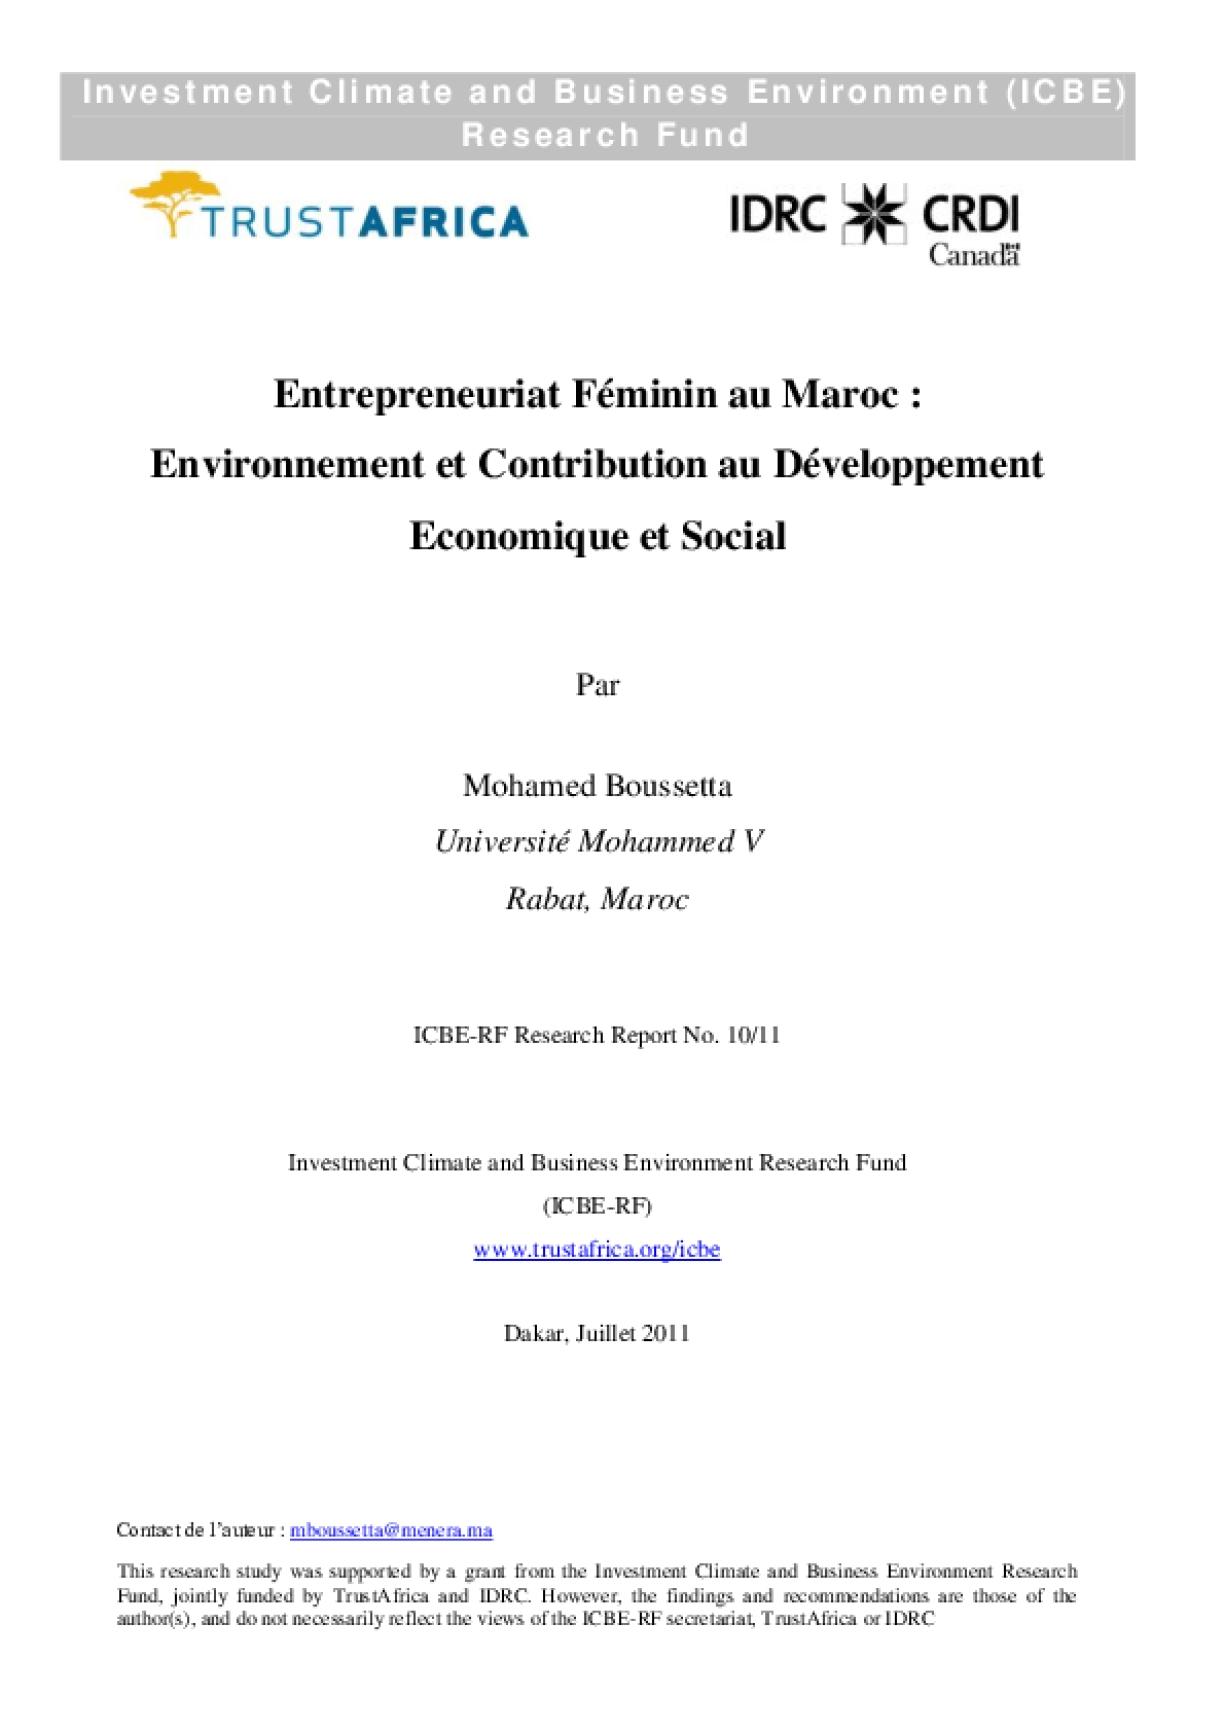 Entrepreneuriat Fémimin au Maroc: Environnement et Contribution au Développement Economique et Social